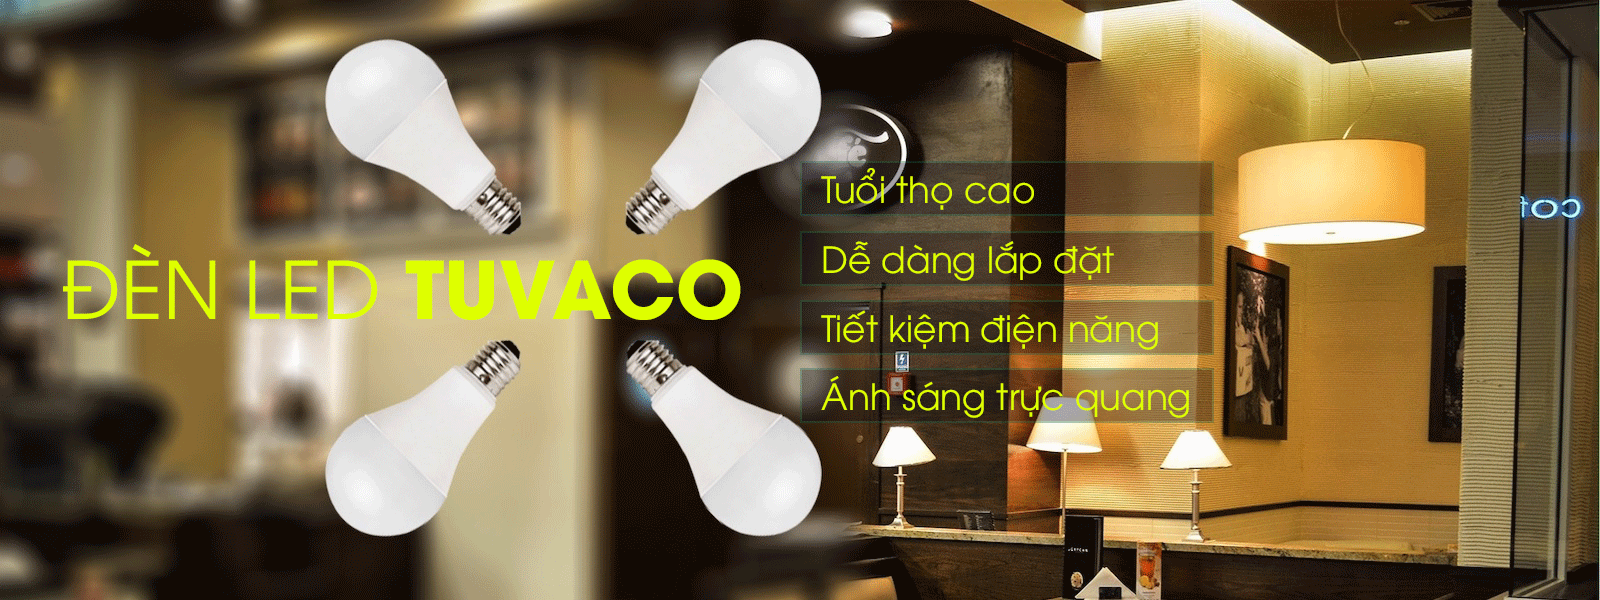 banner_den-led-tuvaco-1